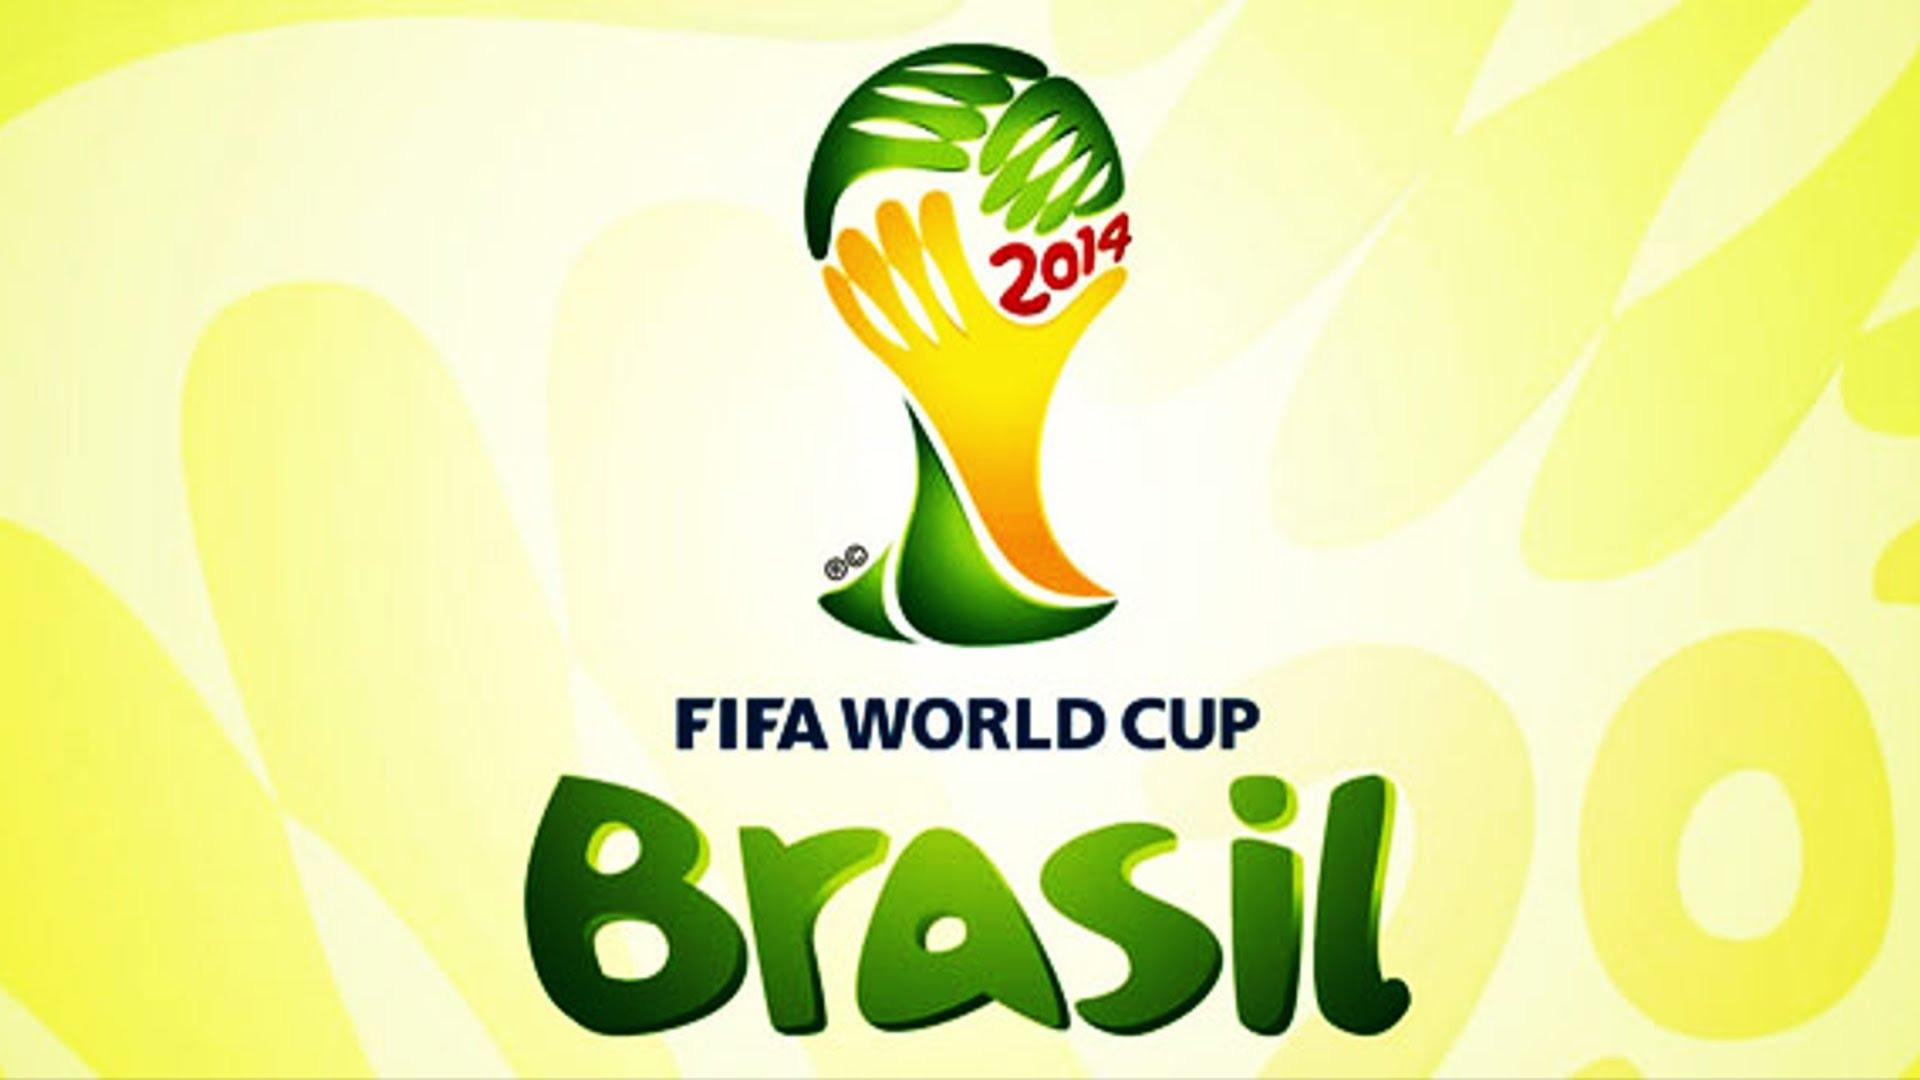 Сериал Чемпионат мира по футболу 2014